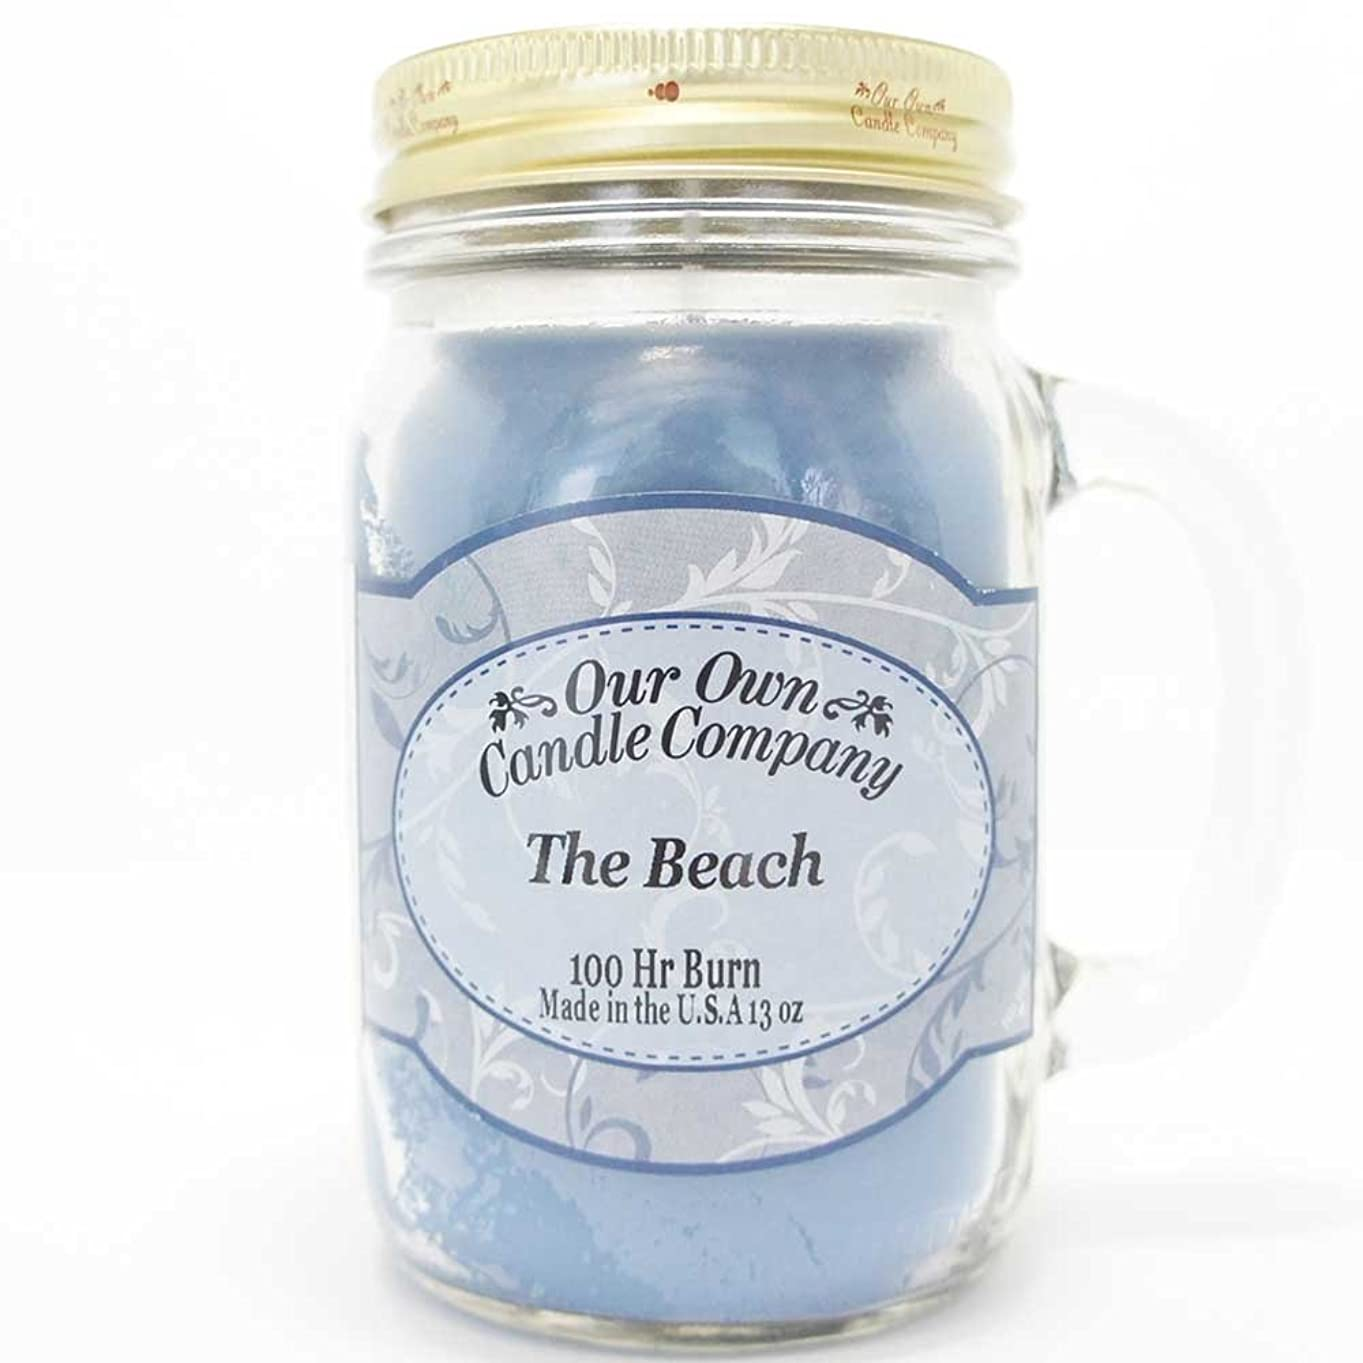 布合併症絶縁するOur Own Candle Company メイソンジャーキャンドル ラージサイズ ザ?ビーチ OU100119